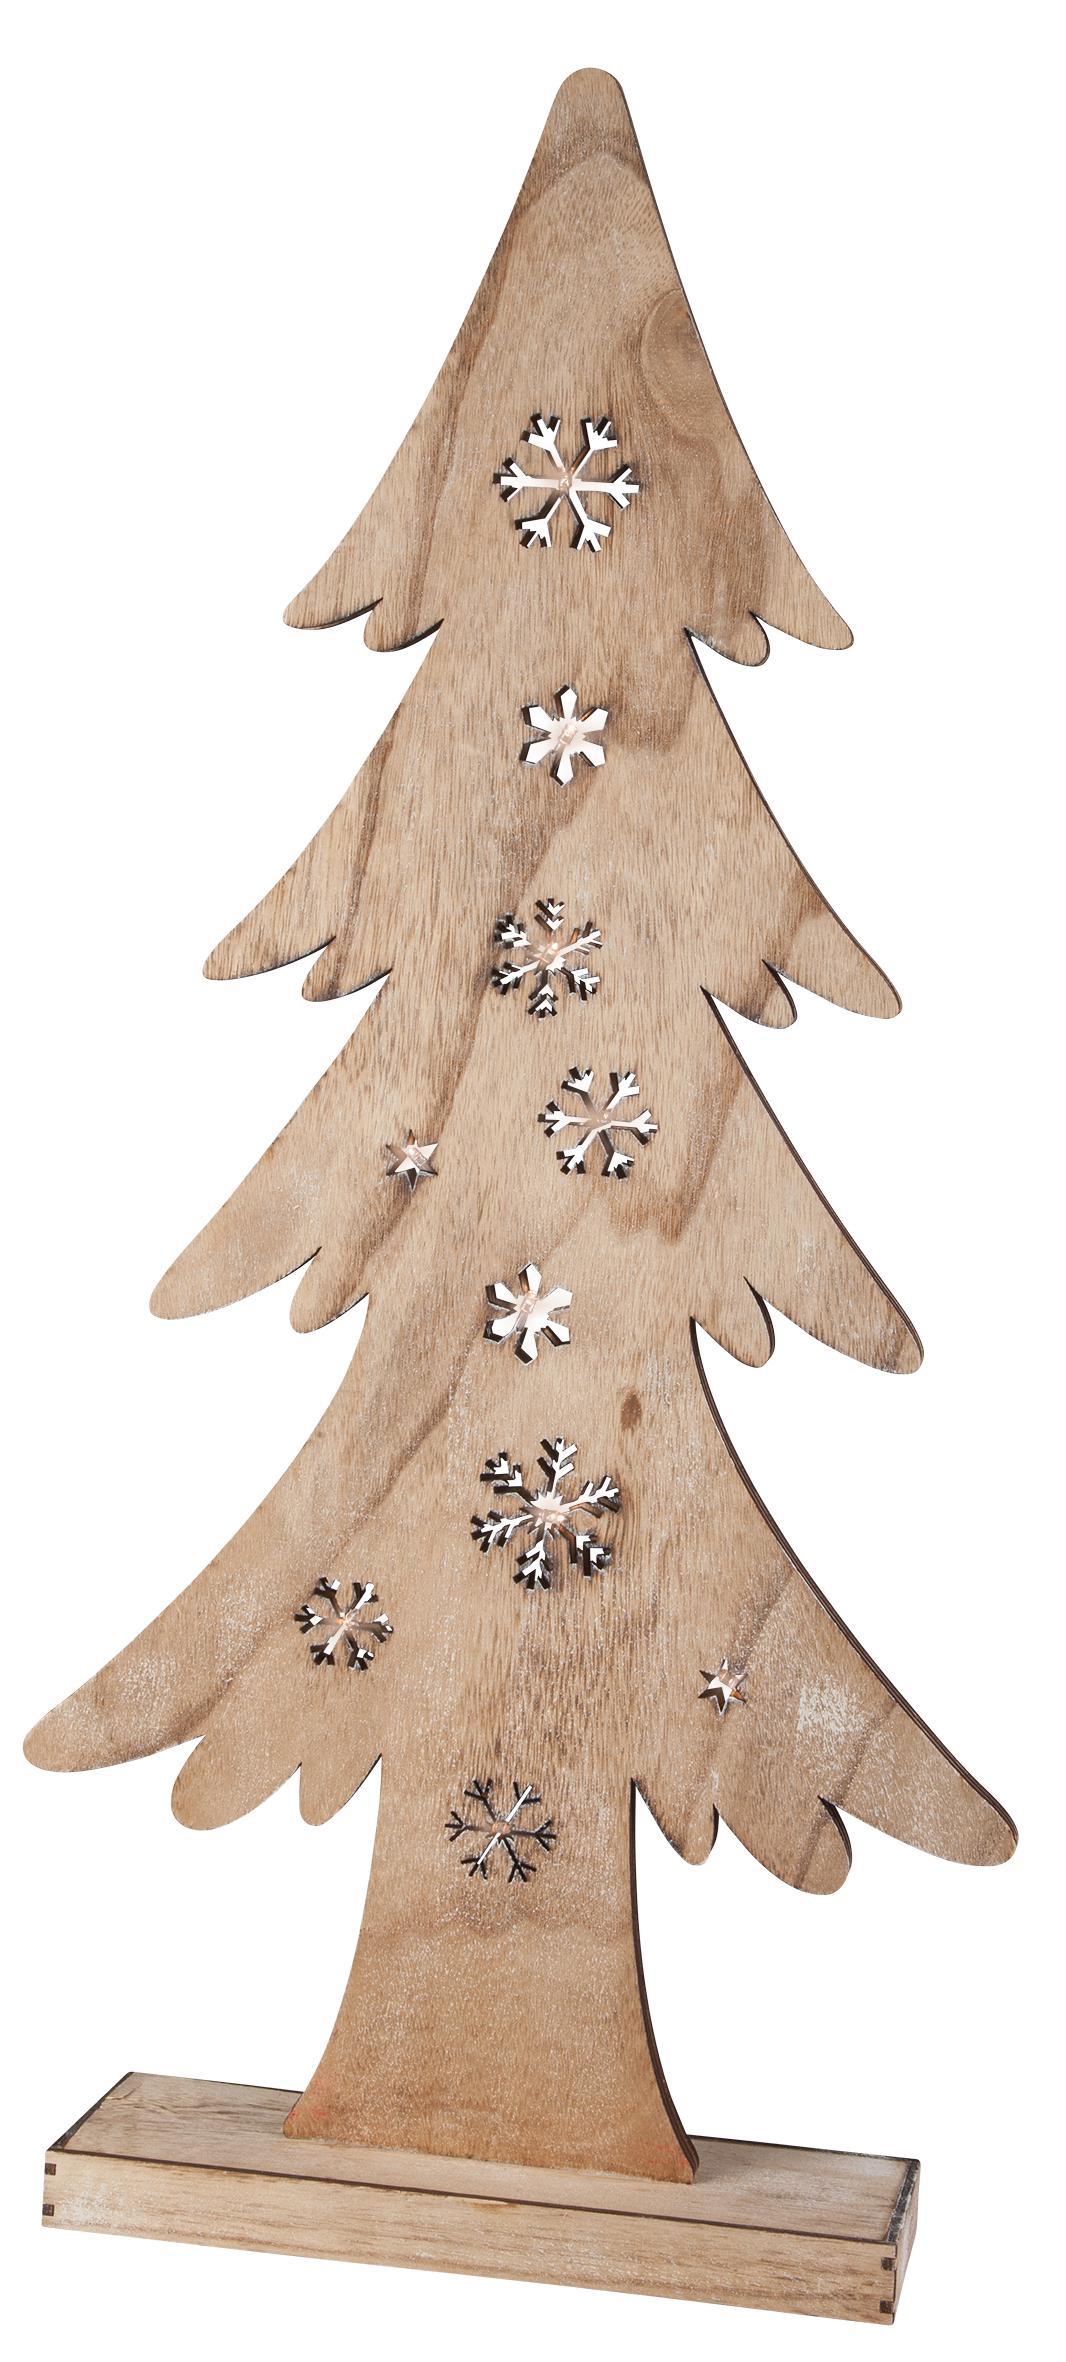 tannenbaum aus holz mit beleuchtung 39 5x10x82 cm g nstig online kaufen. Black Bedroom Furniture Sets. Home Design Ideas